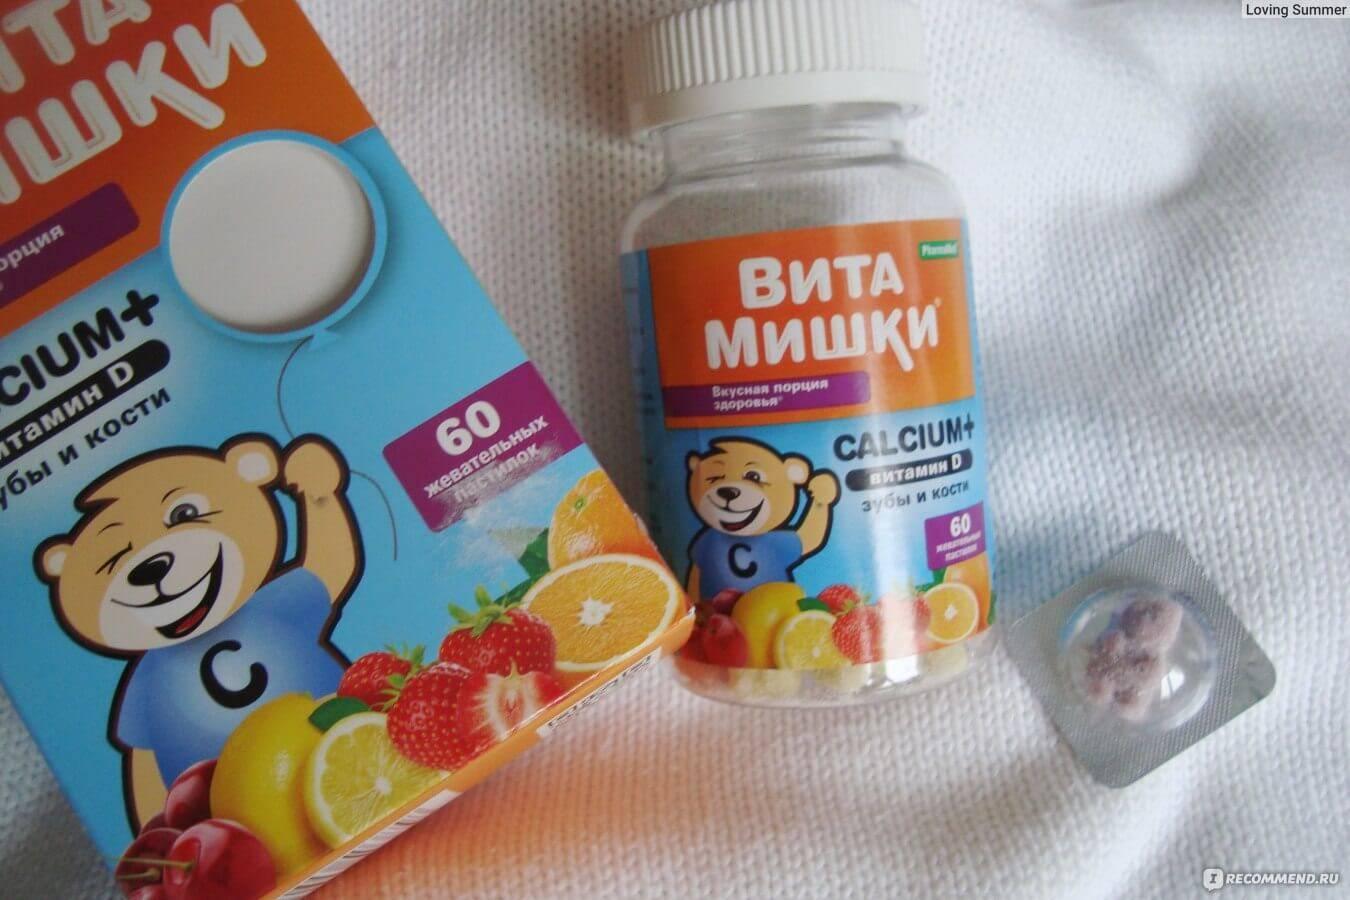 Детский кальций д3 — препараты для малышей, отзывы и цены